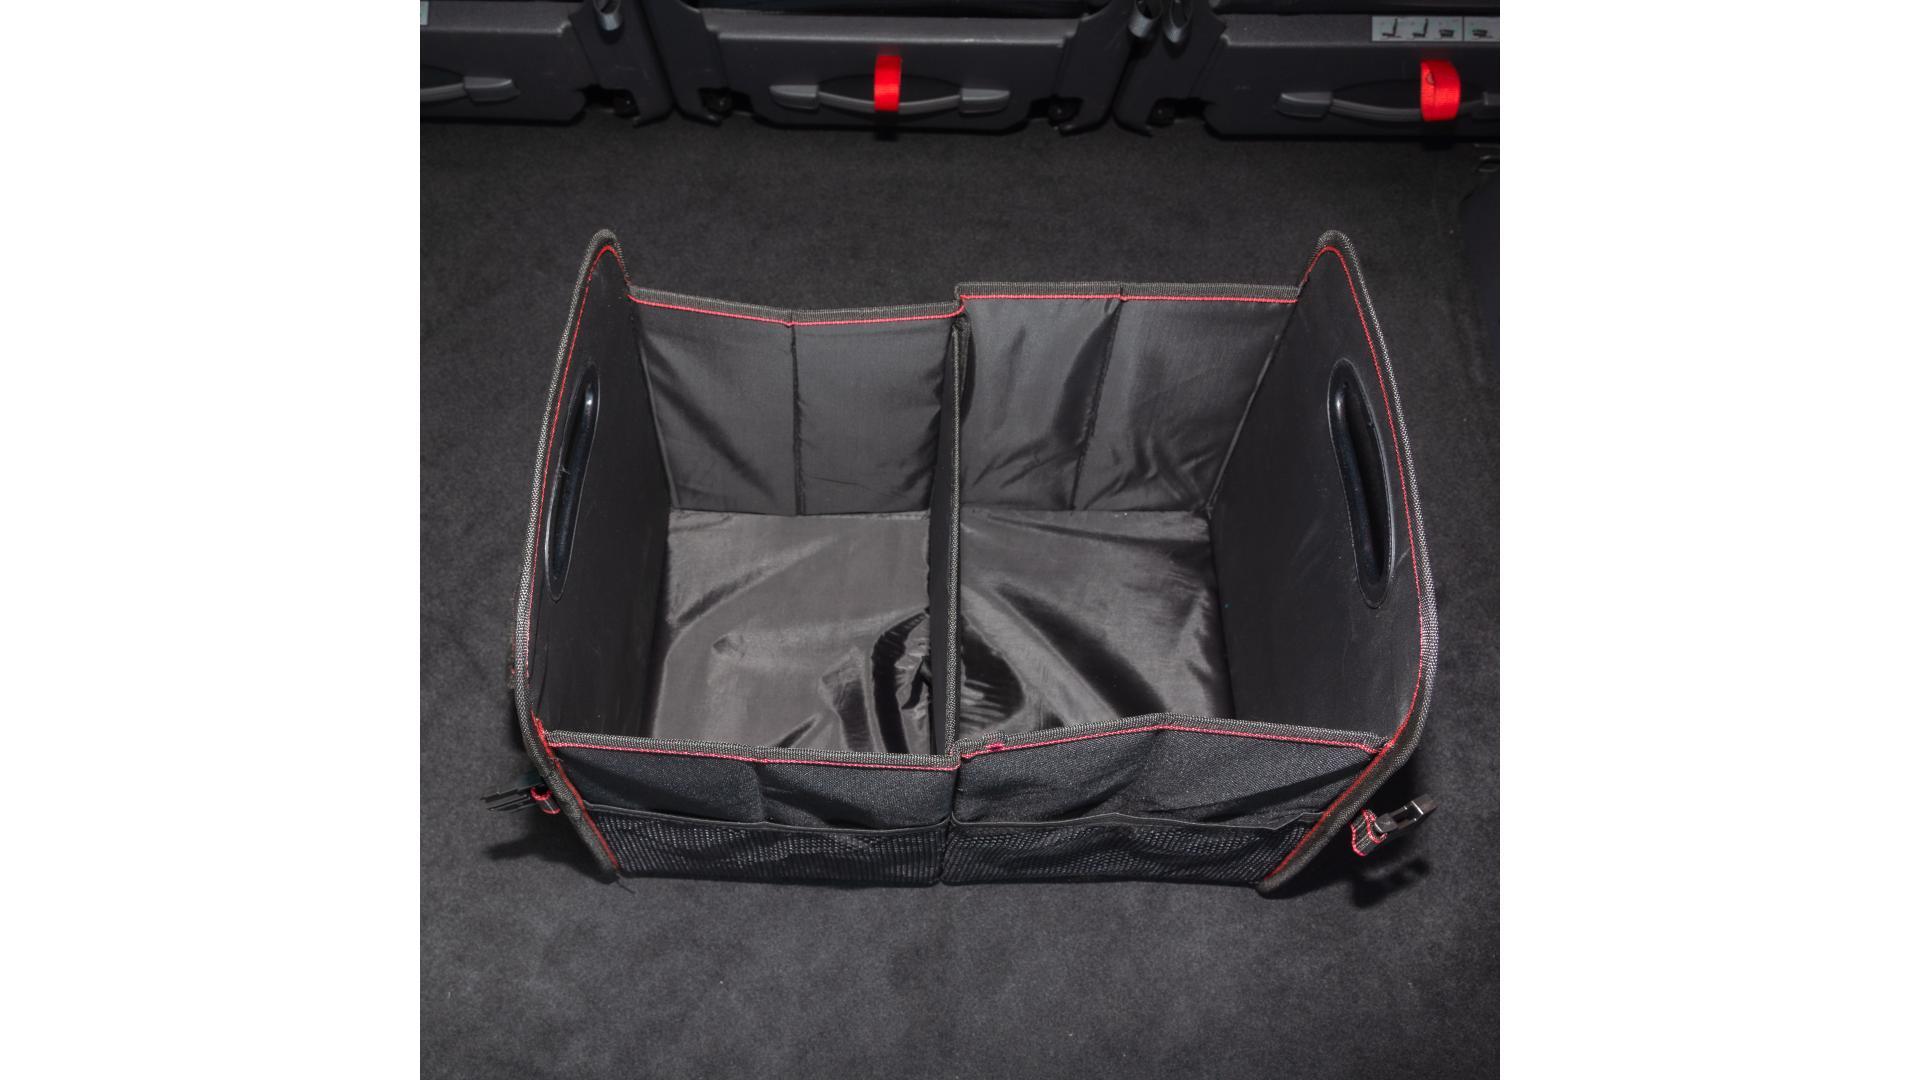 4CARS Organizér zavazadlového prostoru s termotaškou 42x31x33 cm